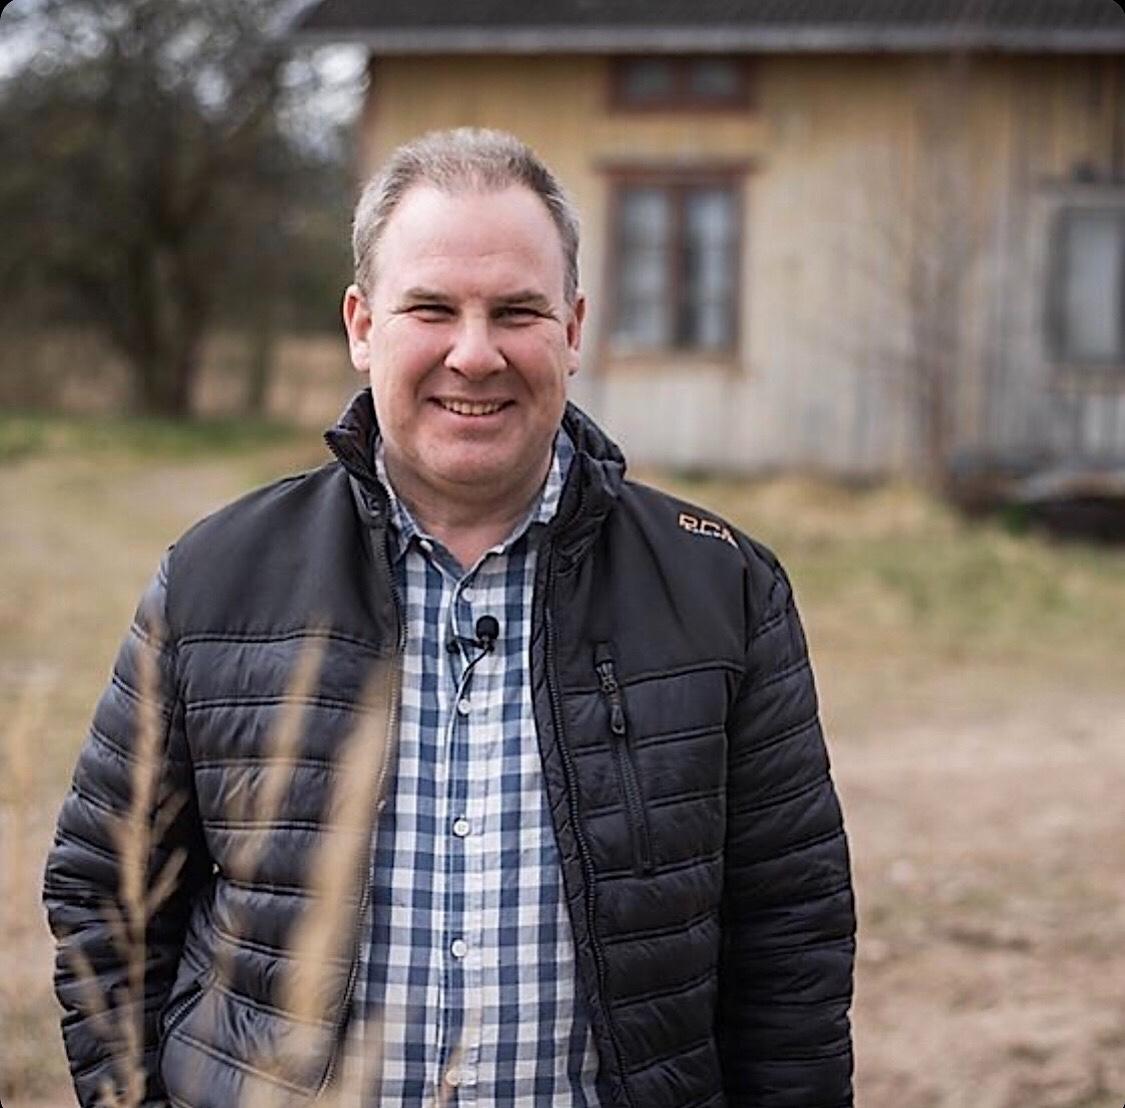 Robert Danielsson i #Inredningspodden – Om byggnadsvård, renovering och ödehus